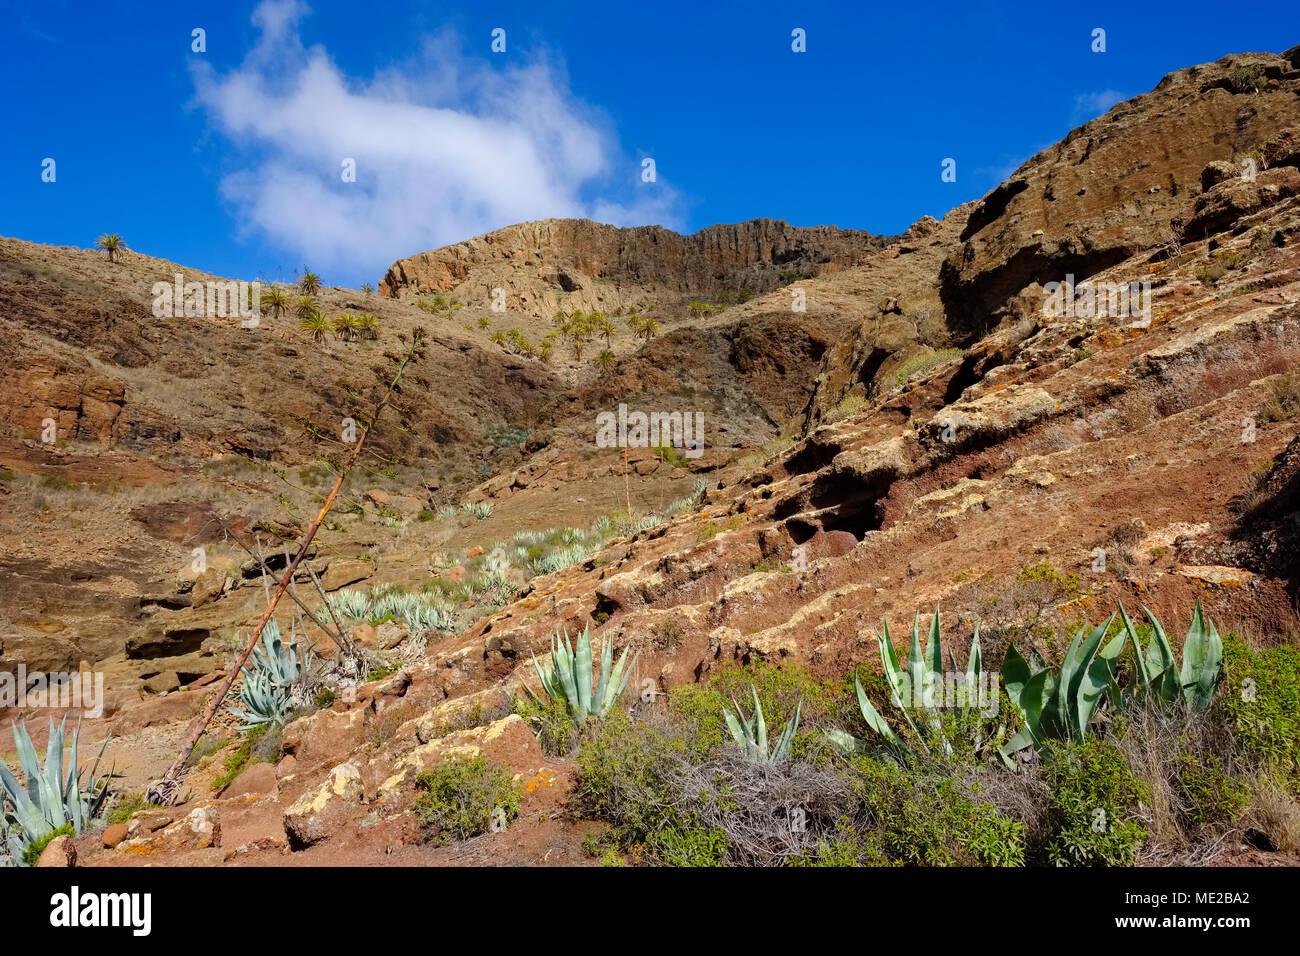 Barranco de la Barca, Mount Calvario, near Alajero, La Gomera, Canary Islands, Spain - Stock Image